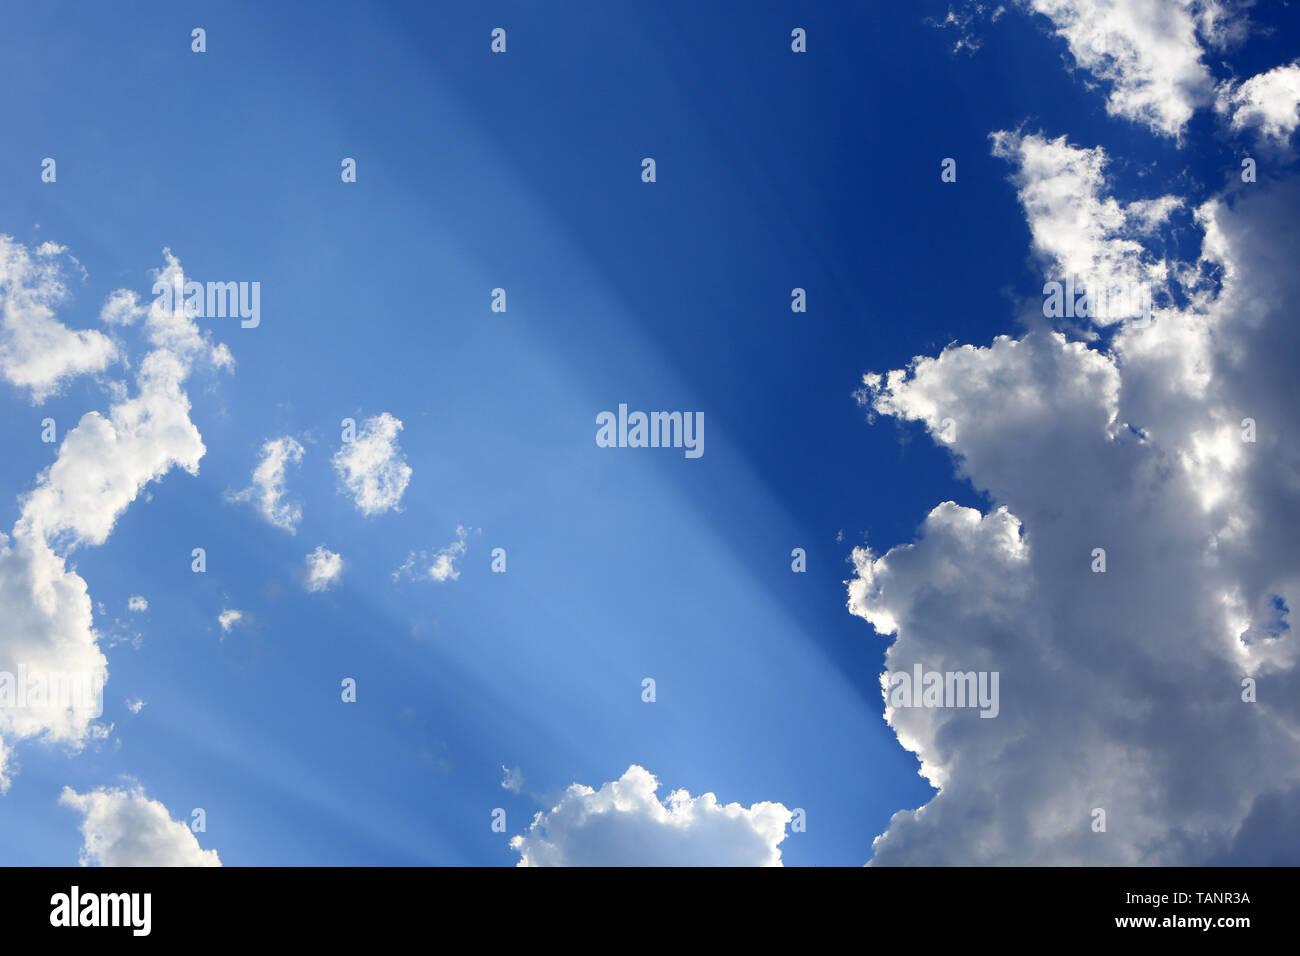 Rayons de soleil à travers les nuages. - Stock Image